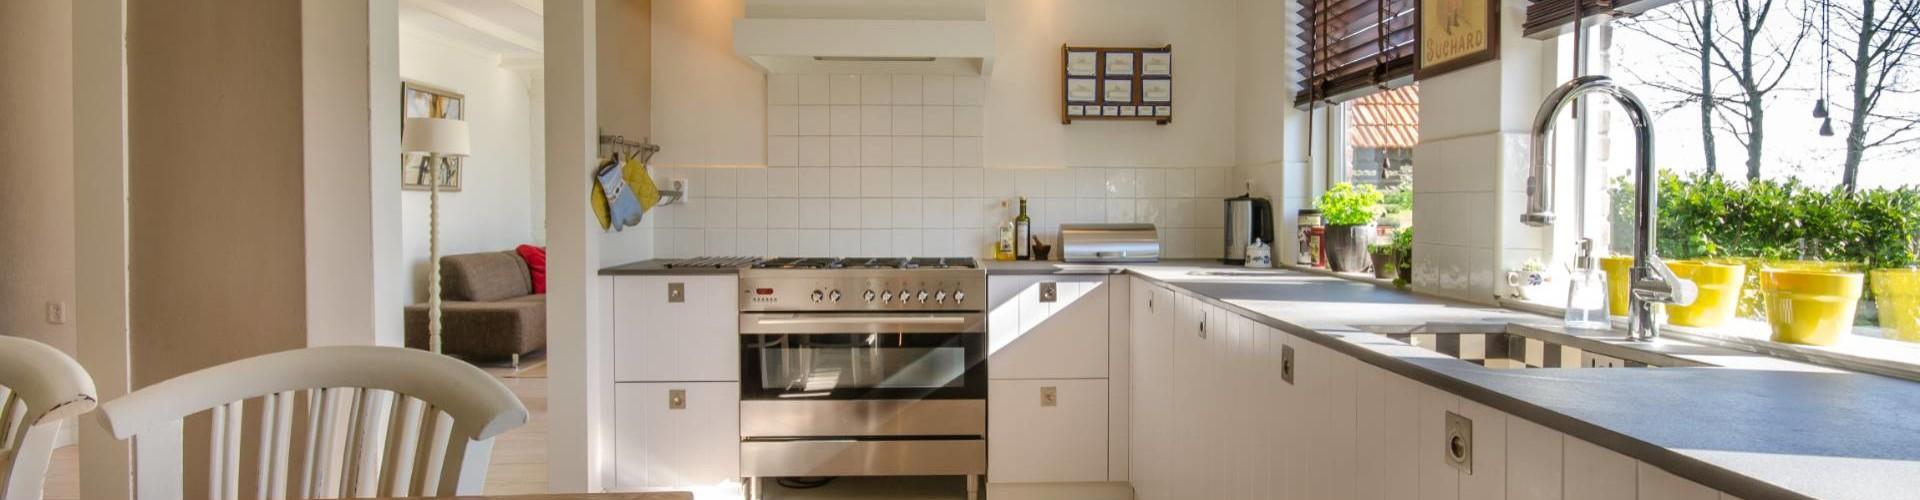 Imagen de Diseño de Cocina a medida